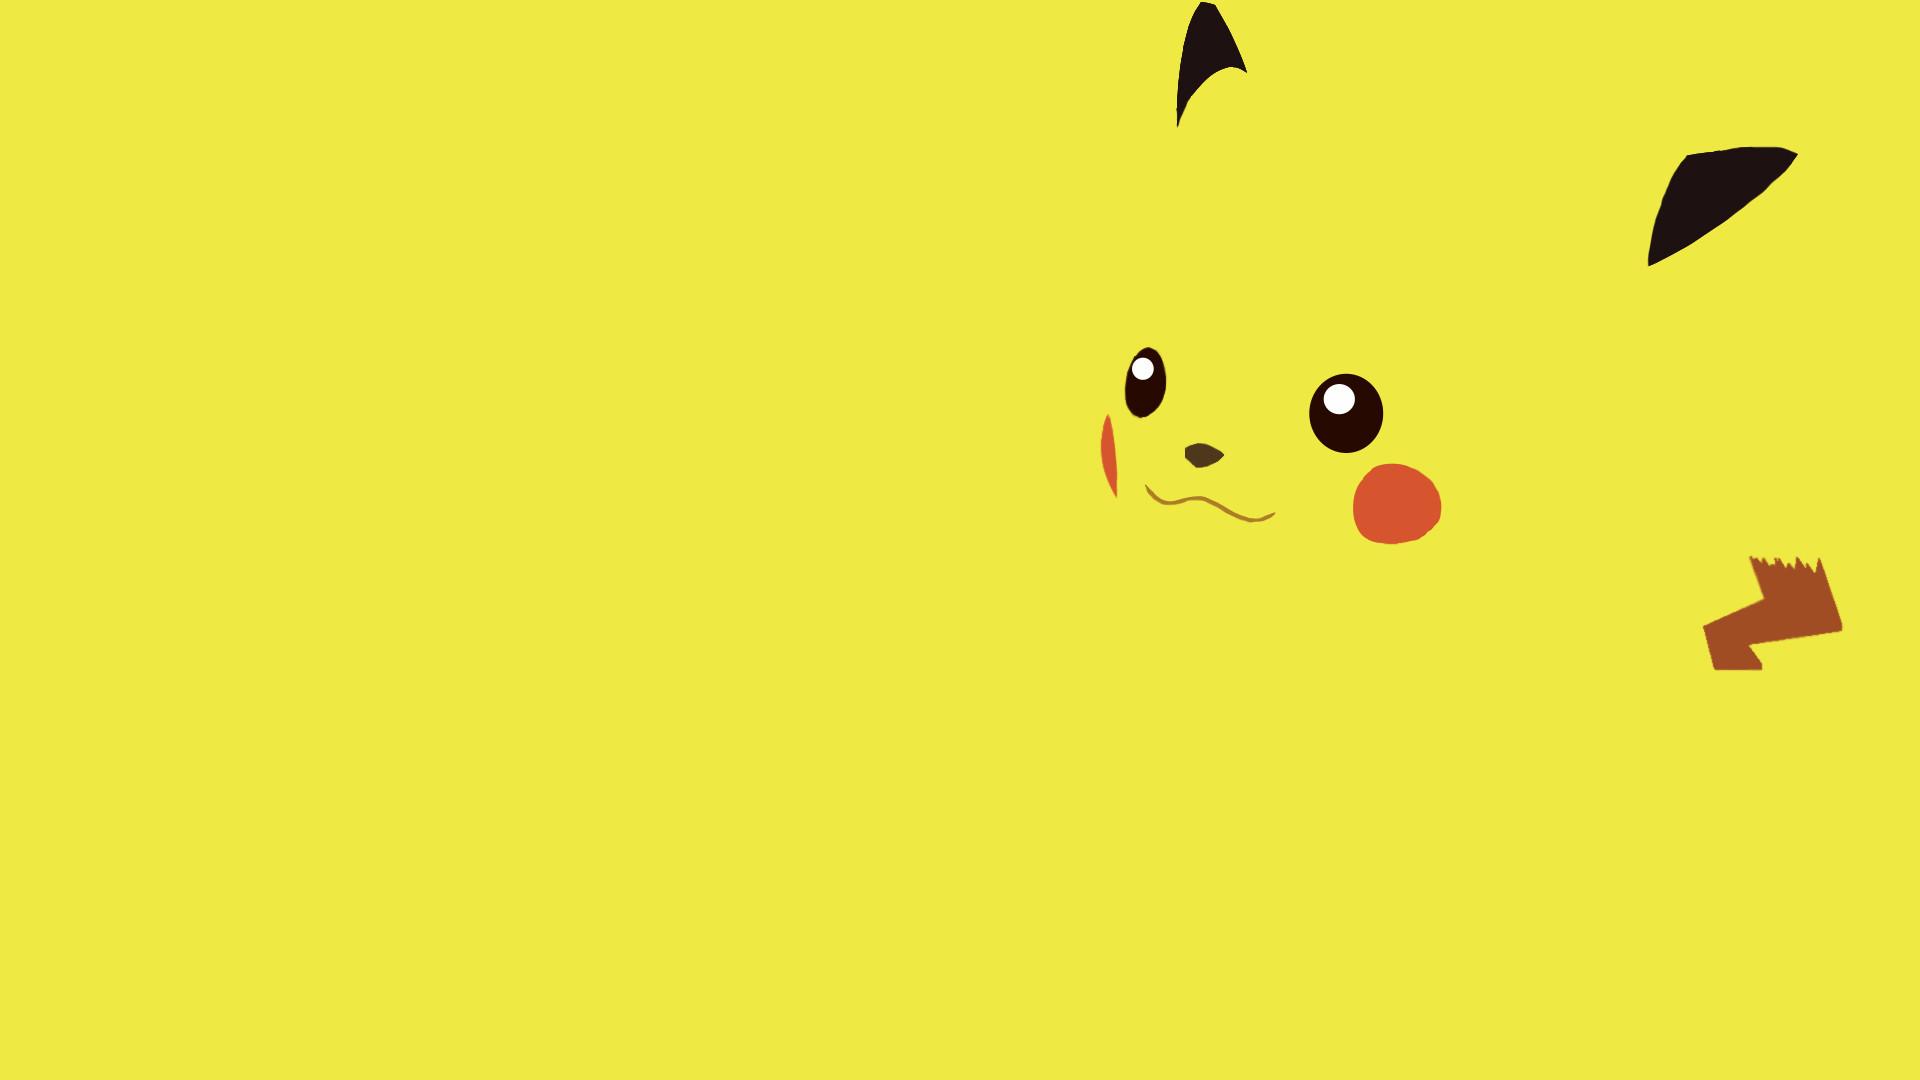 Pokemon Wallpaper Hd Pikachu jpg x desktop wallpaper 143403